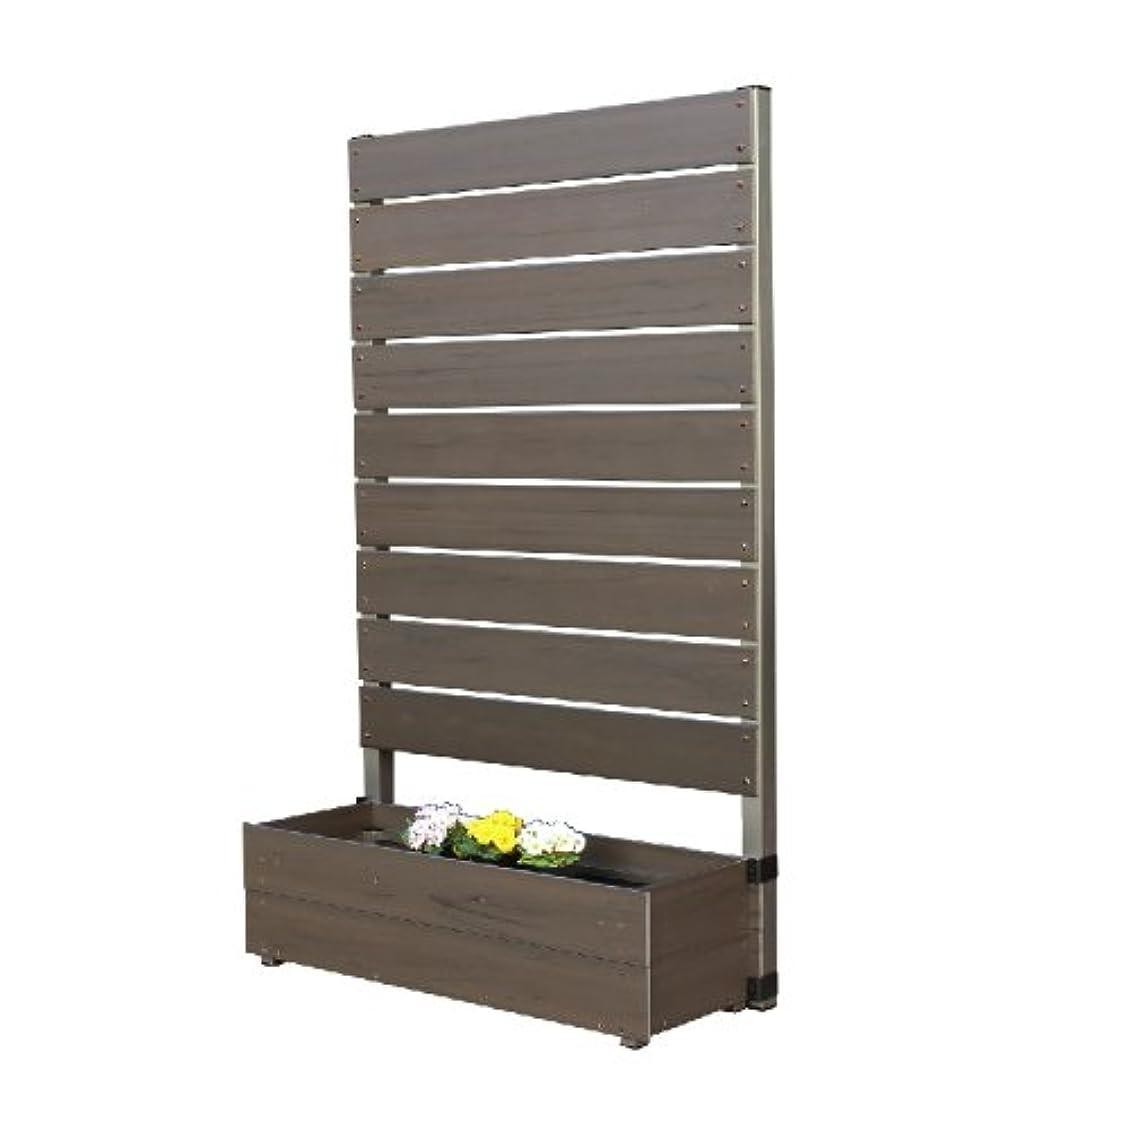 共産主義定期的な公平なプランタボックス付コンフォートフェンス 幅90センチx高さ150センチ 板間隔1センチ ダークブラウン